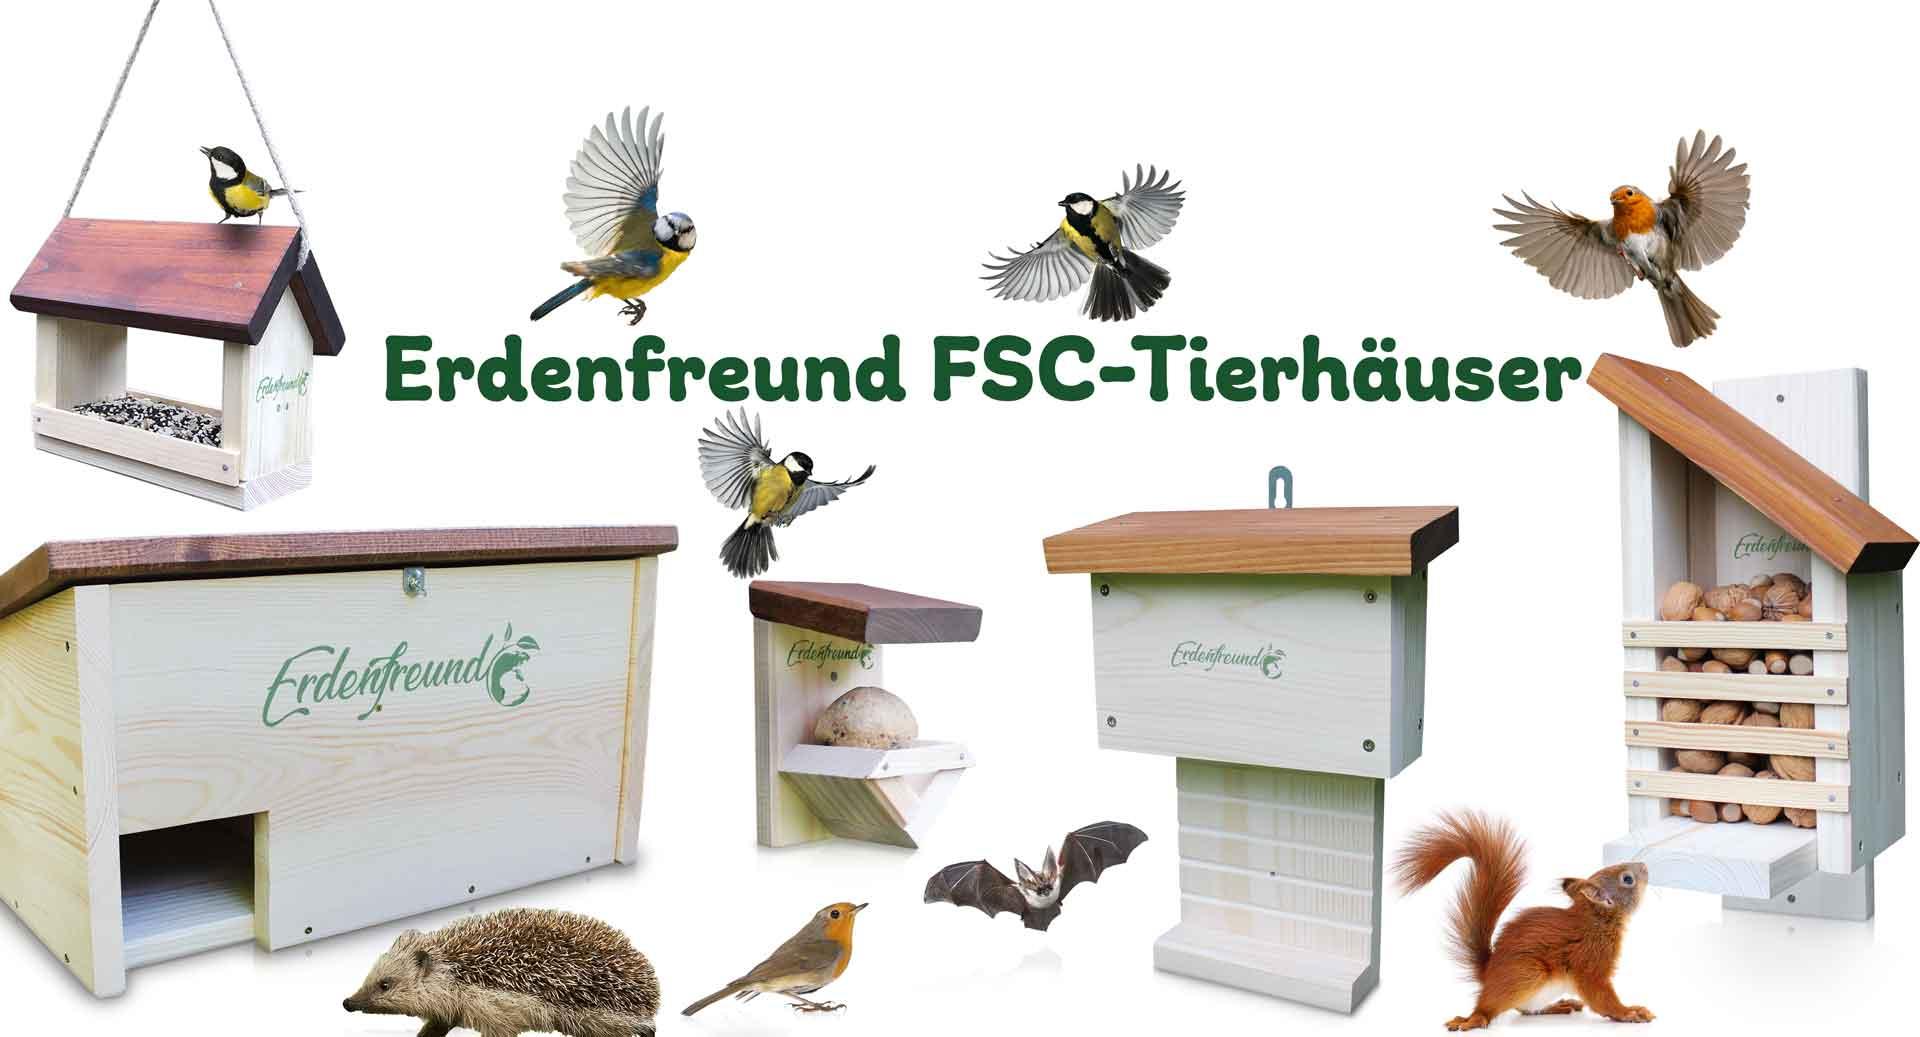 Erdenfreund FSC-Tierhäuser Blogbeitrag